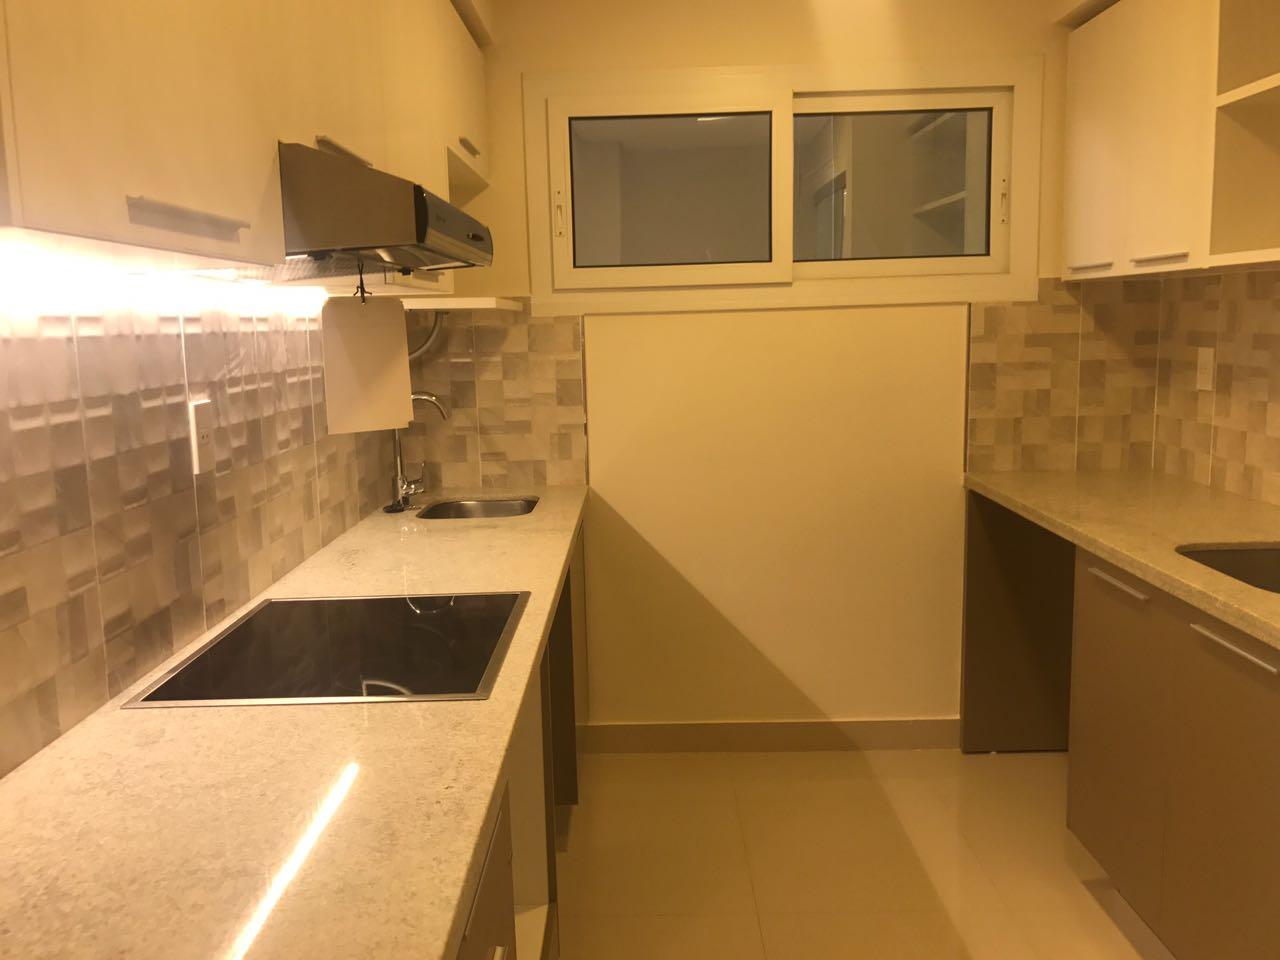 Alquilo Departamento De Dos Dormitorios Zona S6 - Rca. Argentina